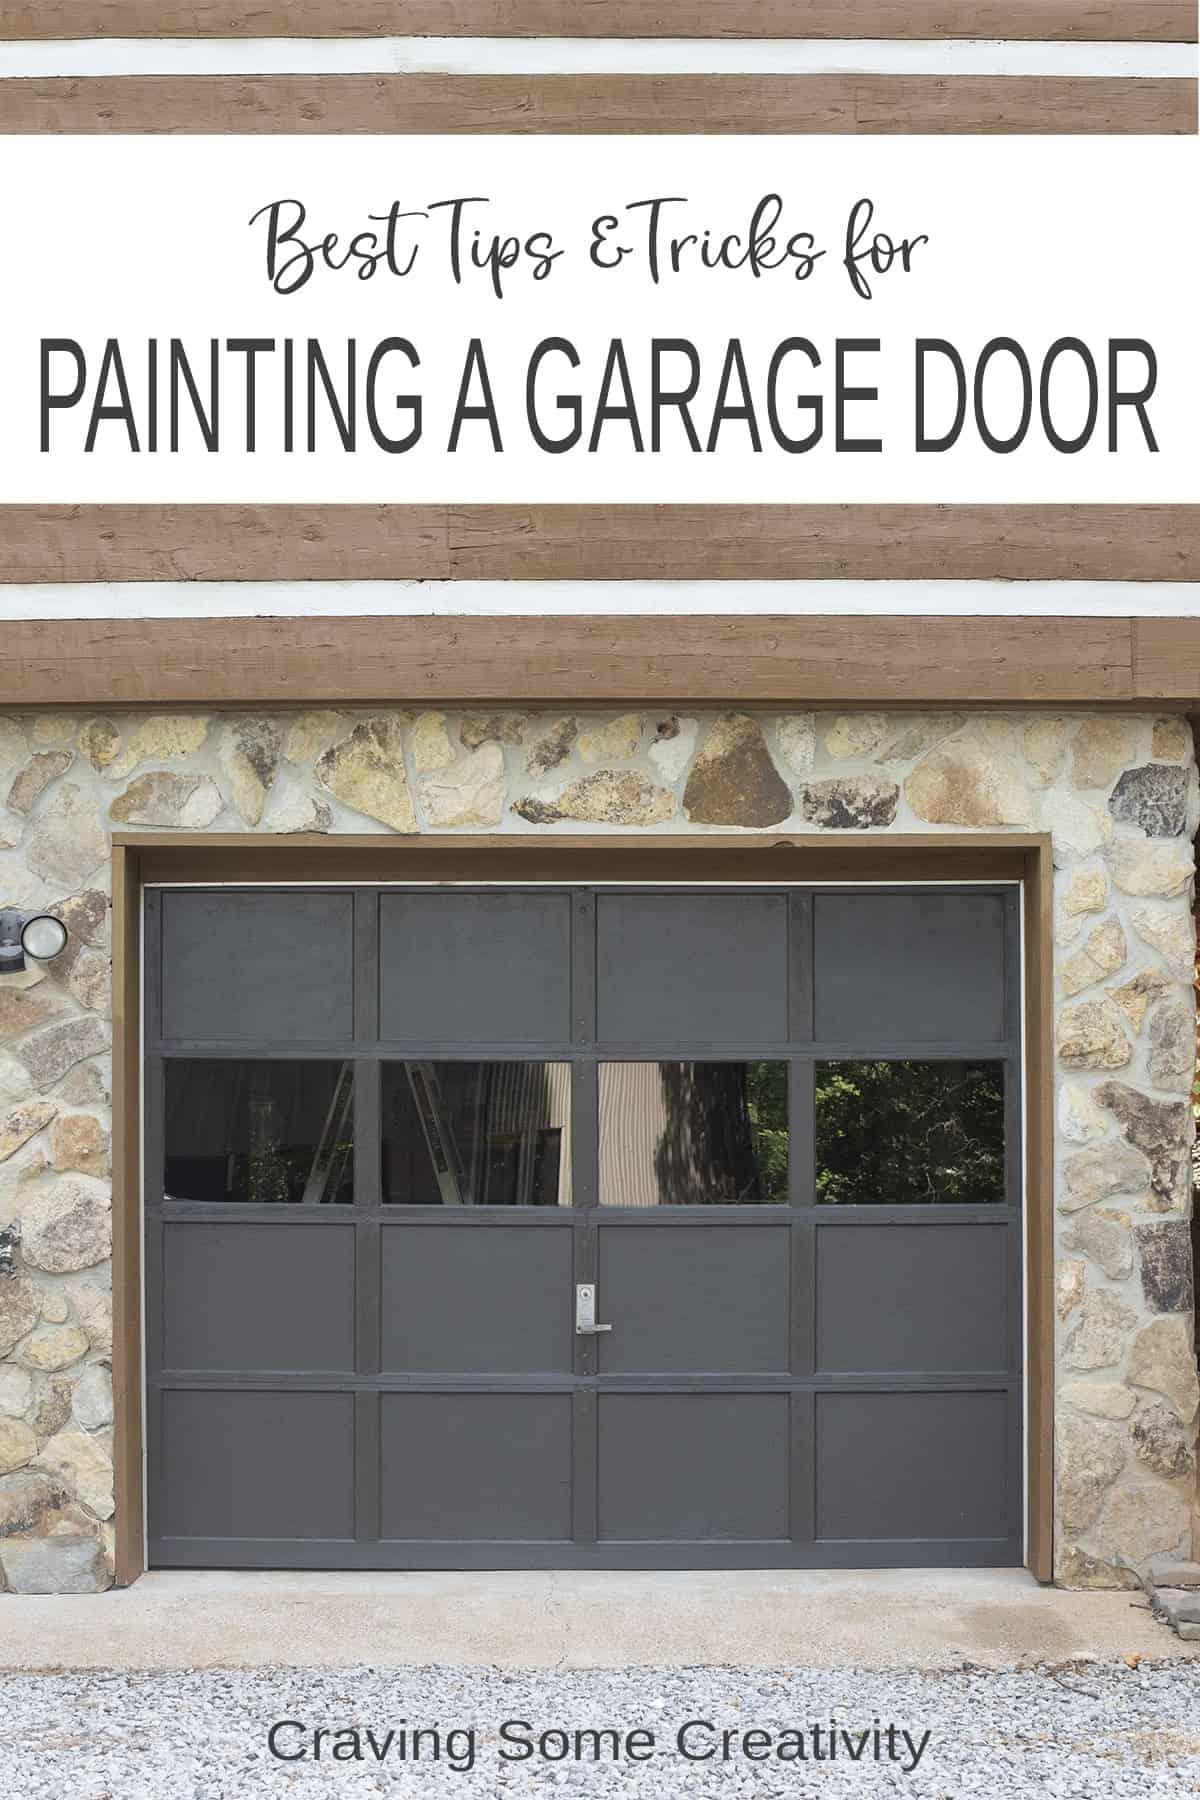 Painted grey garage door with stone facing around it.